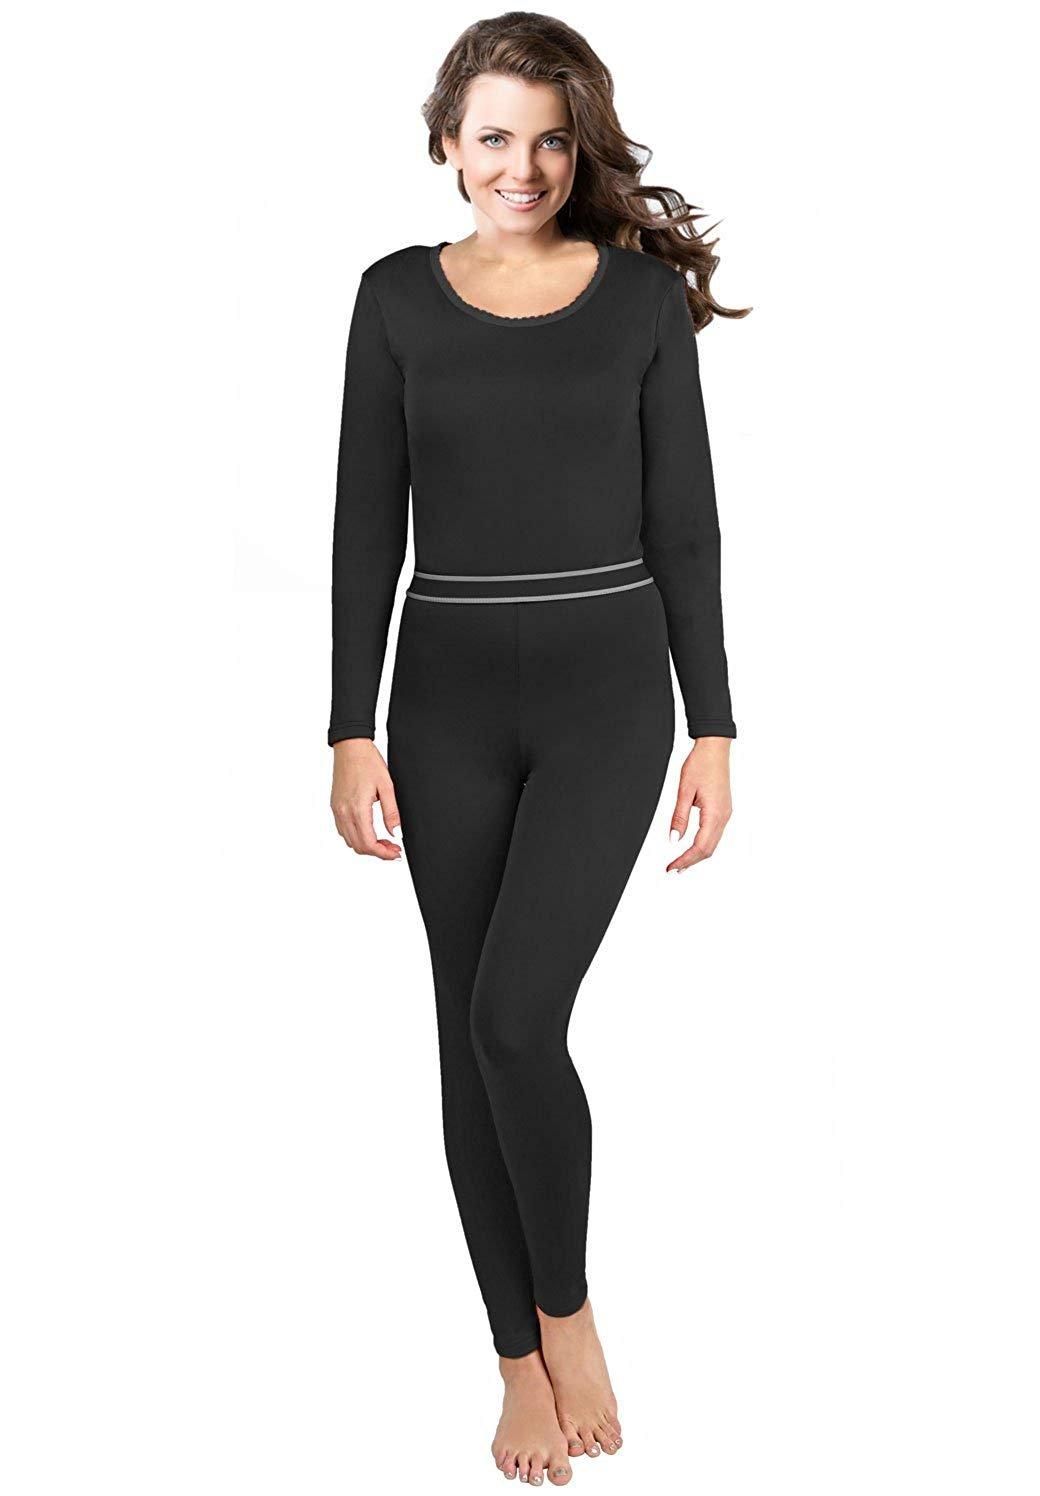 Rocky Women's Thermal Underwear, 2 pc Ultra Soft Warm Fleece Lined Long Johns, Top & Bottom